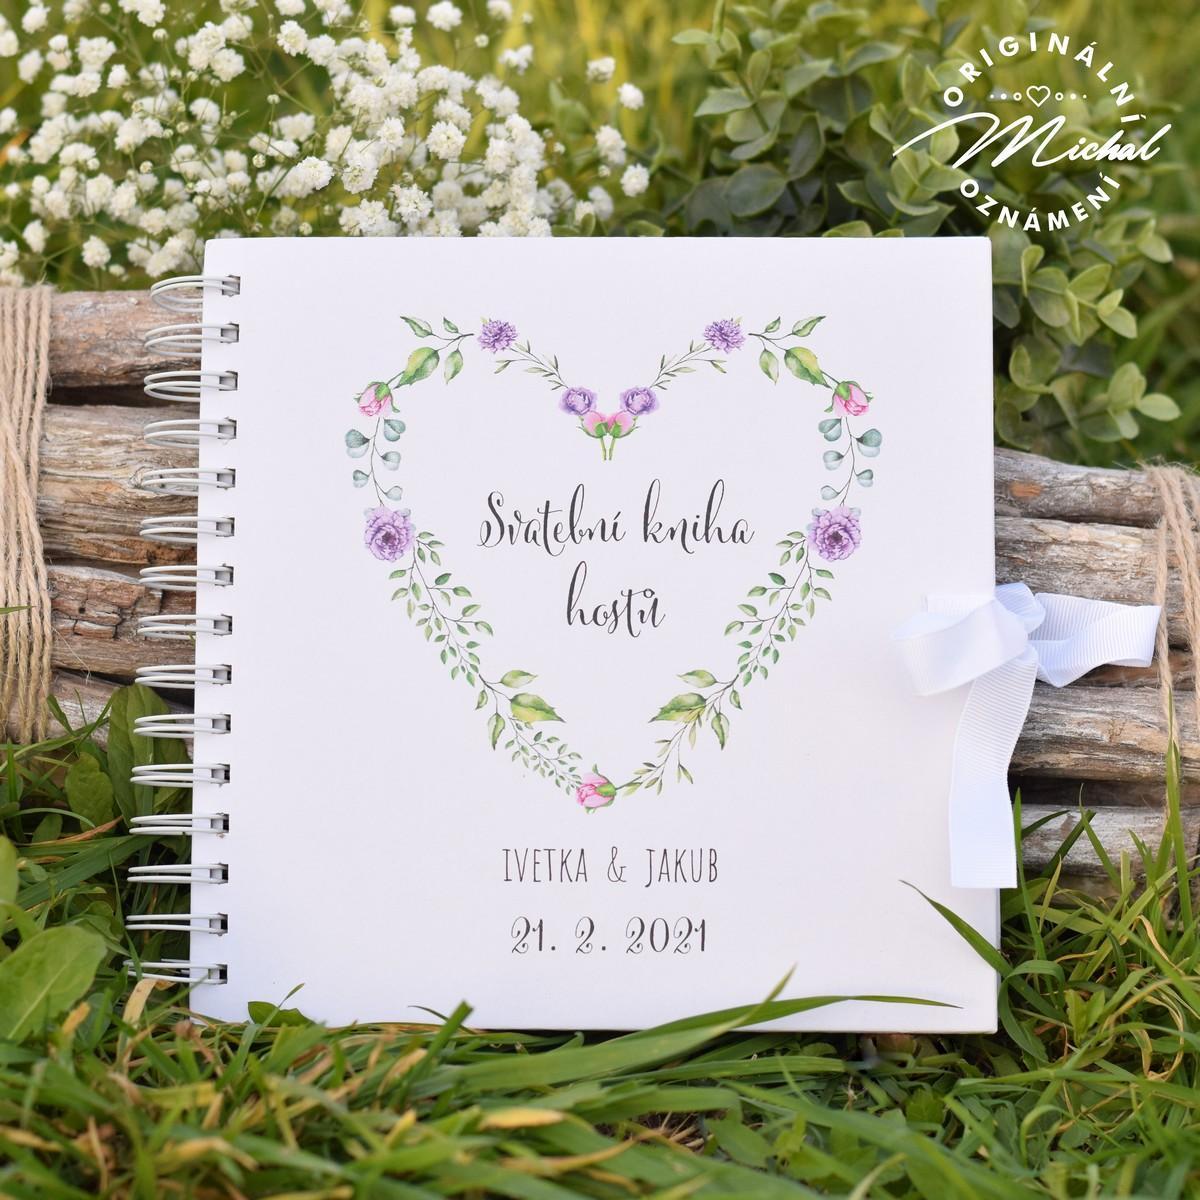 Svatební kniha hostů - pevné knižní desky - 3 - Obrázek č. 1